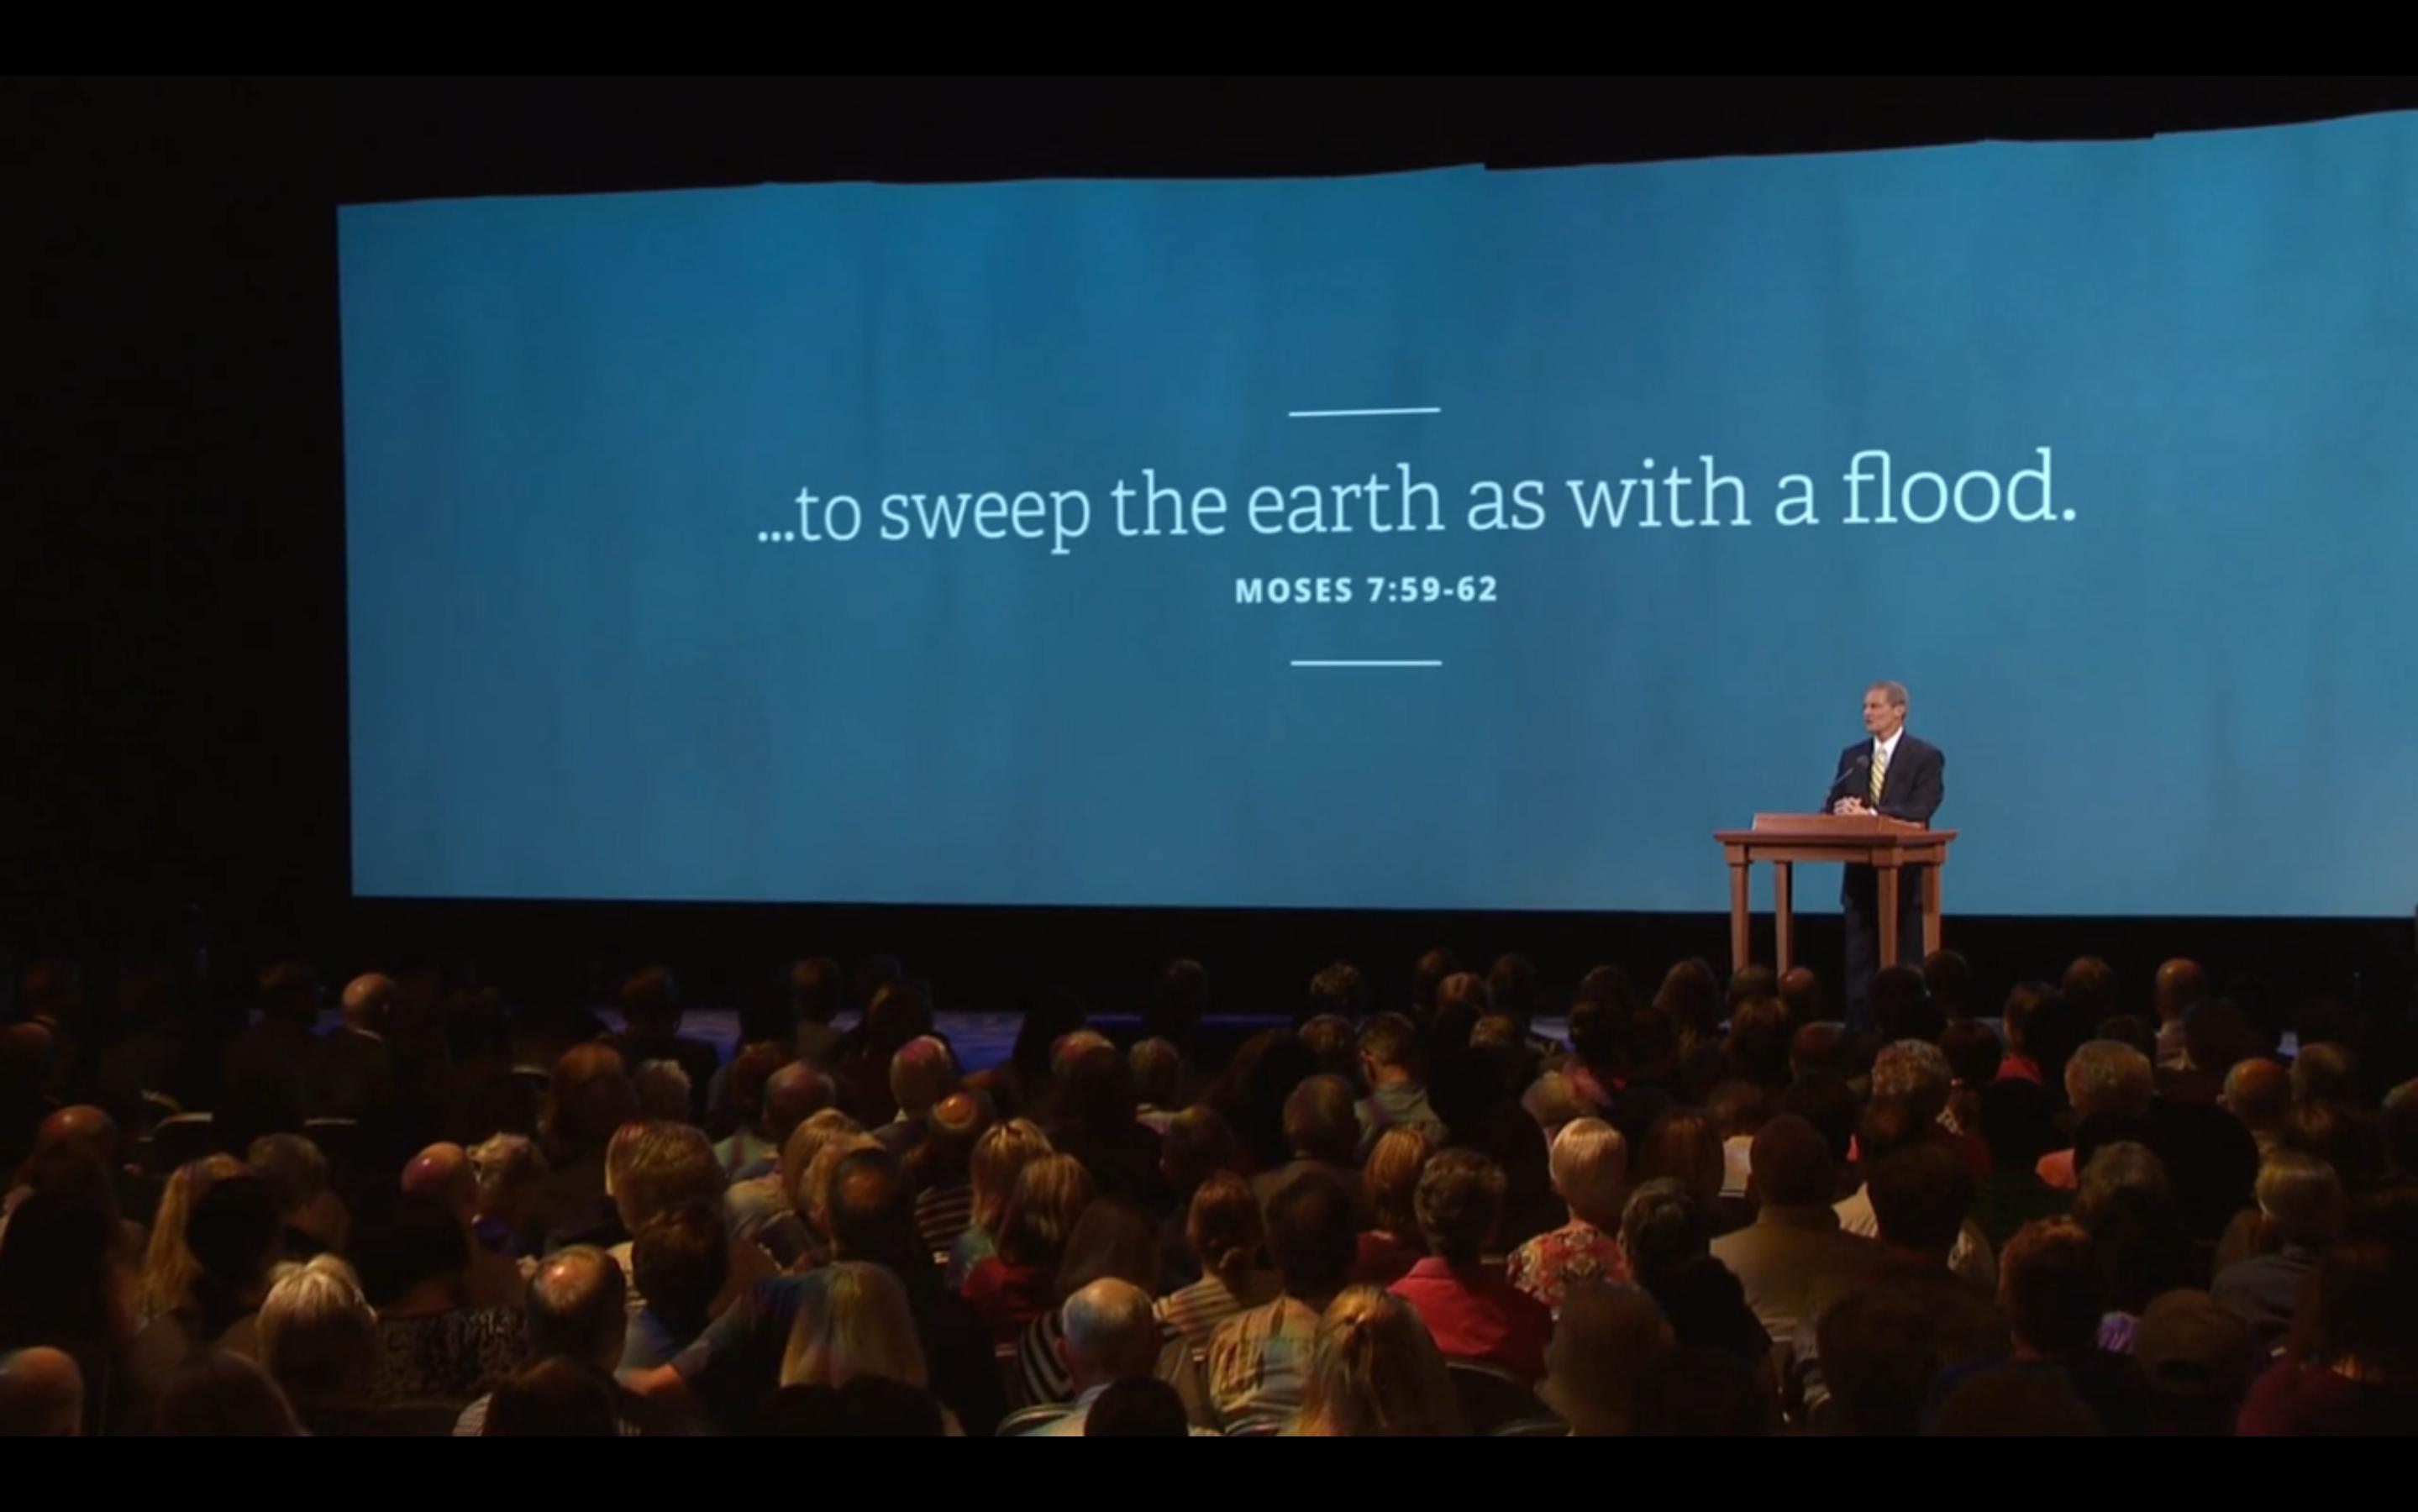 Apresentação da visão geral sobre Varrer a Terra como um Dilúvio